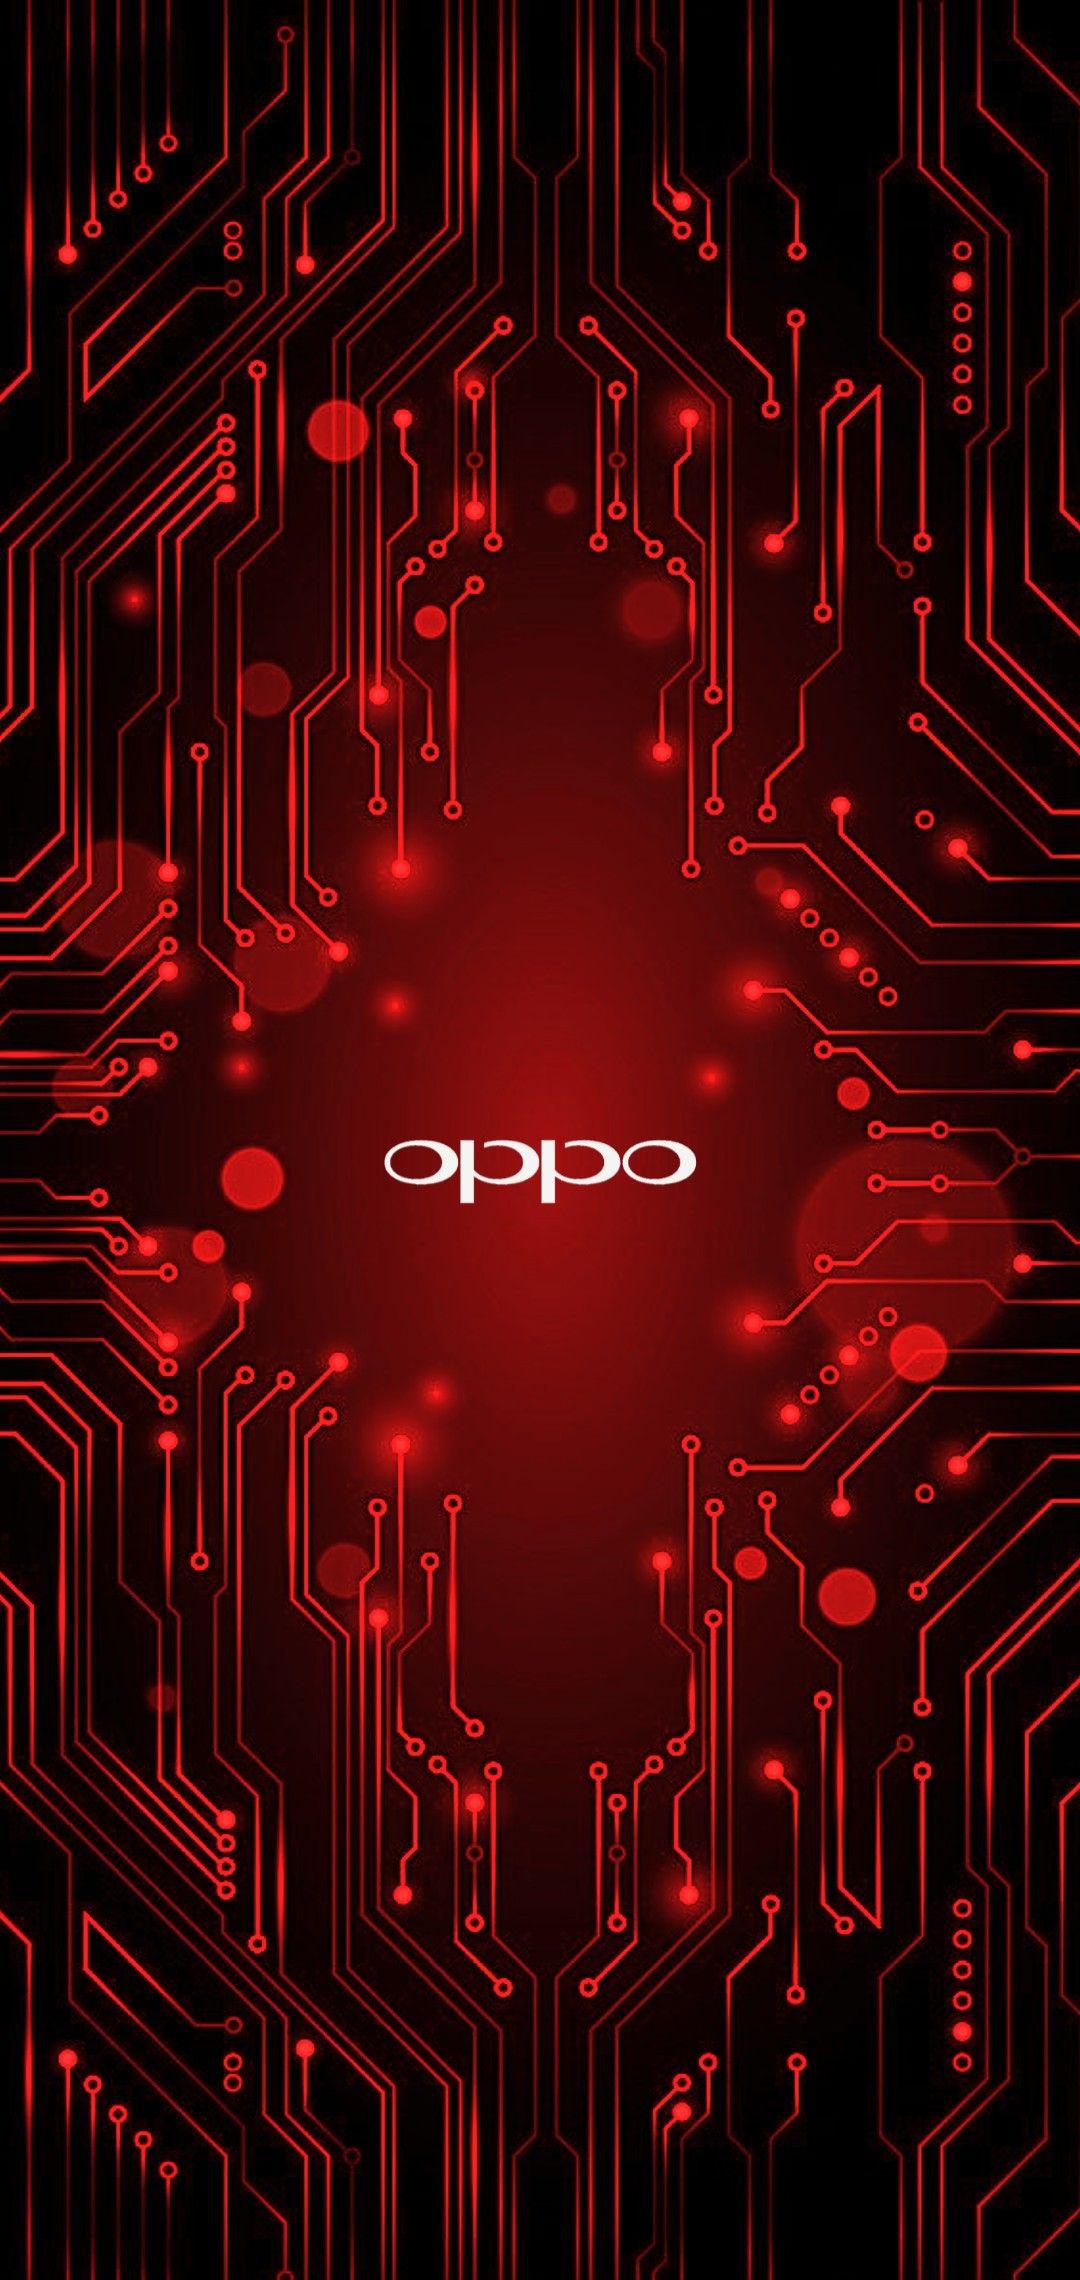 Pin Oleh Neo Di Oppo F7 1080x2280 Wallpaper Ponsel Seni Geometris Gambar